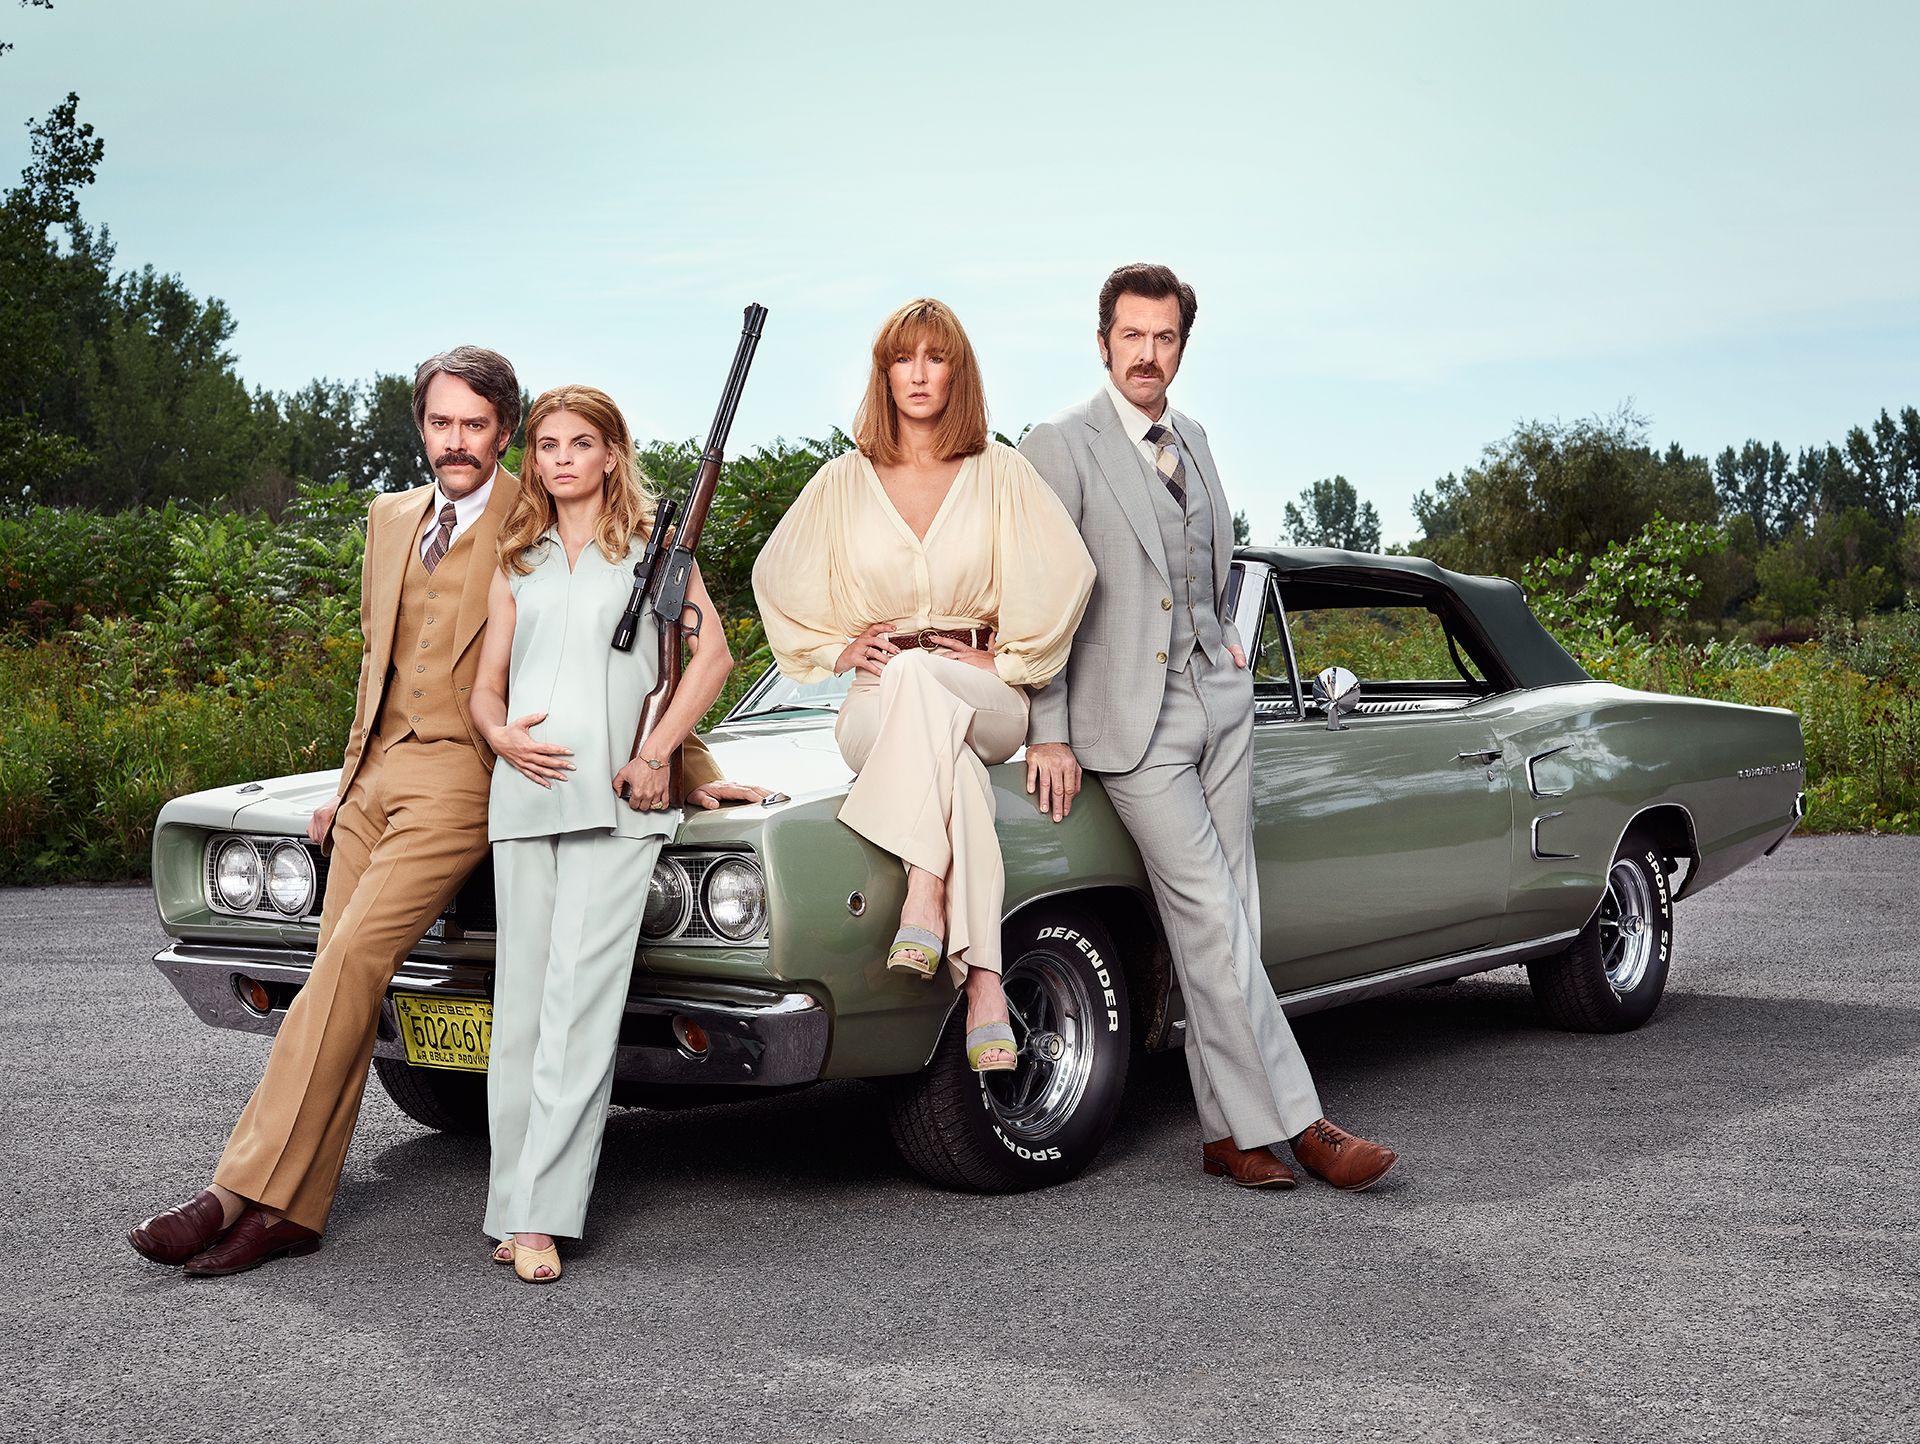 photo de Jocelyn Michel de quatre personnes deux hommes et deux femmes assis sur une voiture verte vintage habillé dans le style des années 1970 pour la série télé C'est comme ça que je t'aime de Radio-Canada